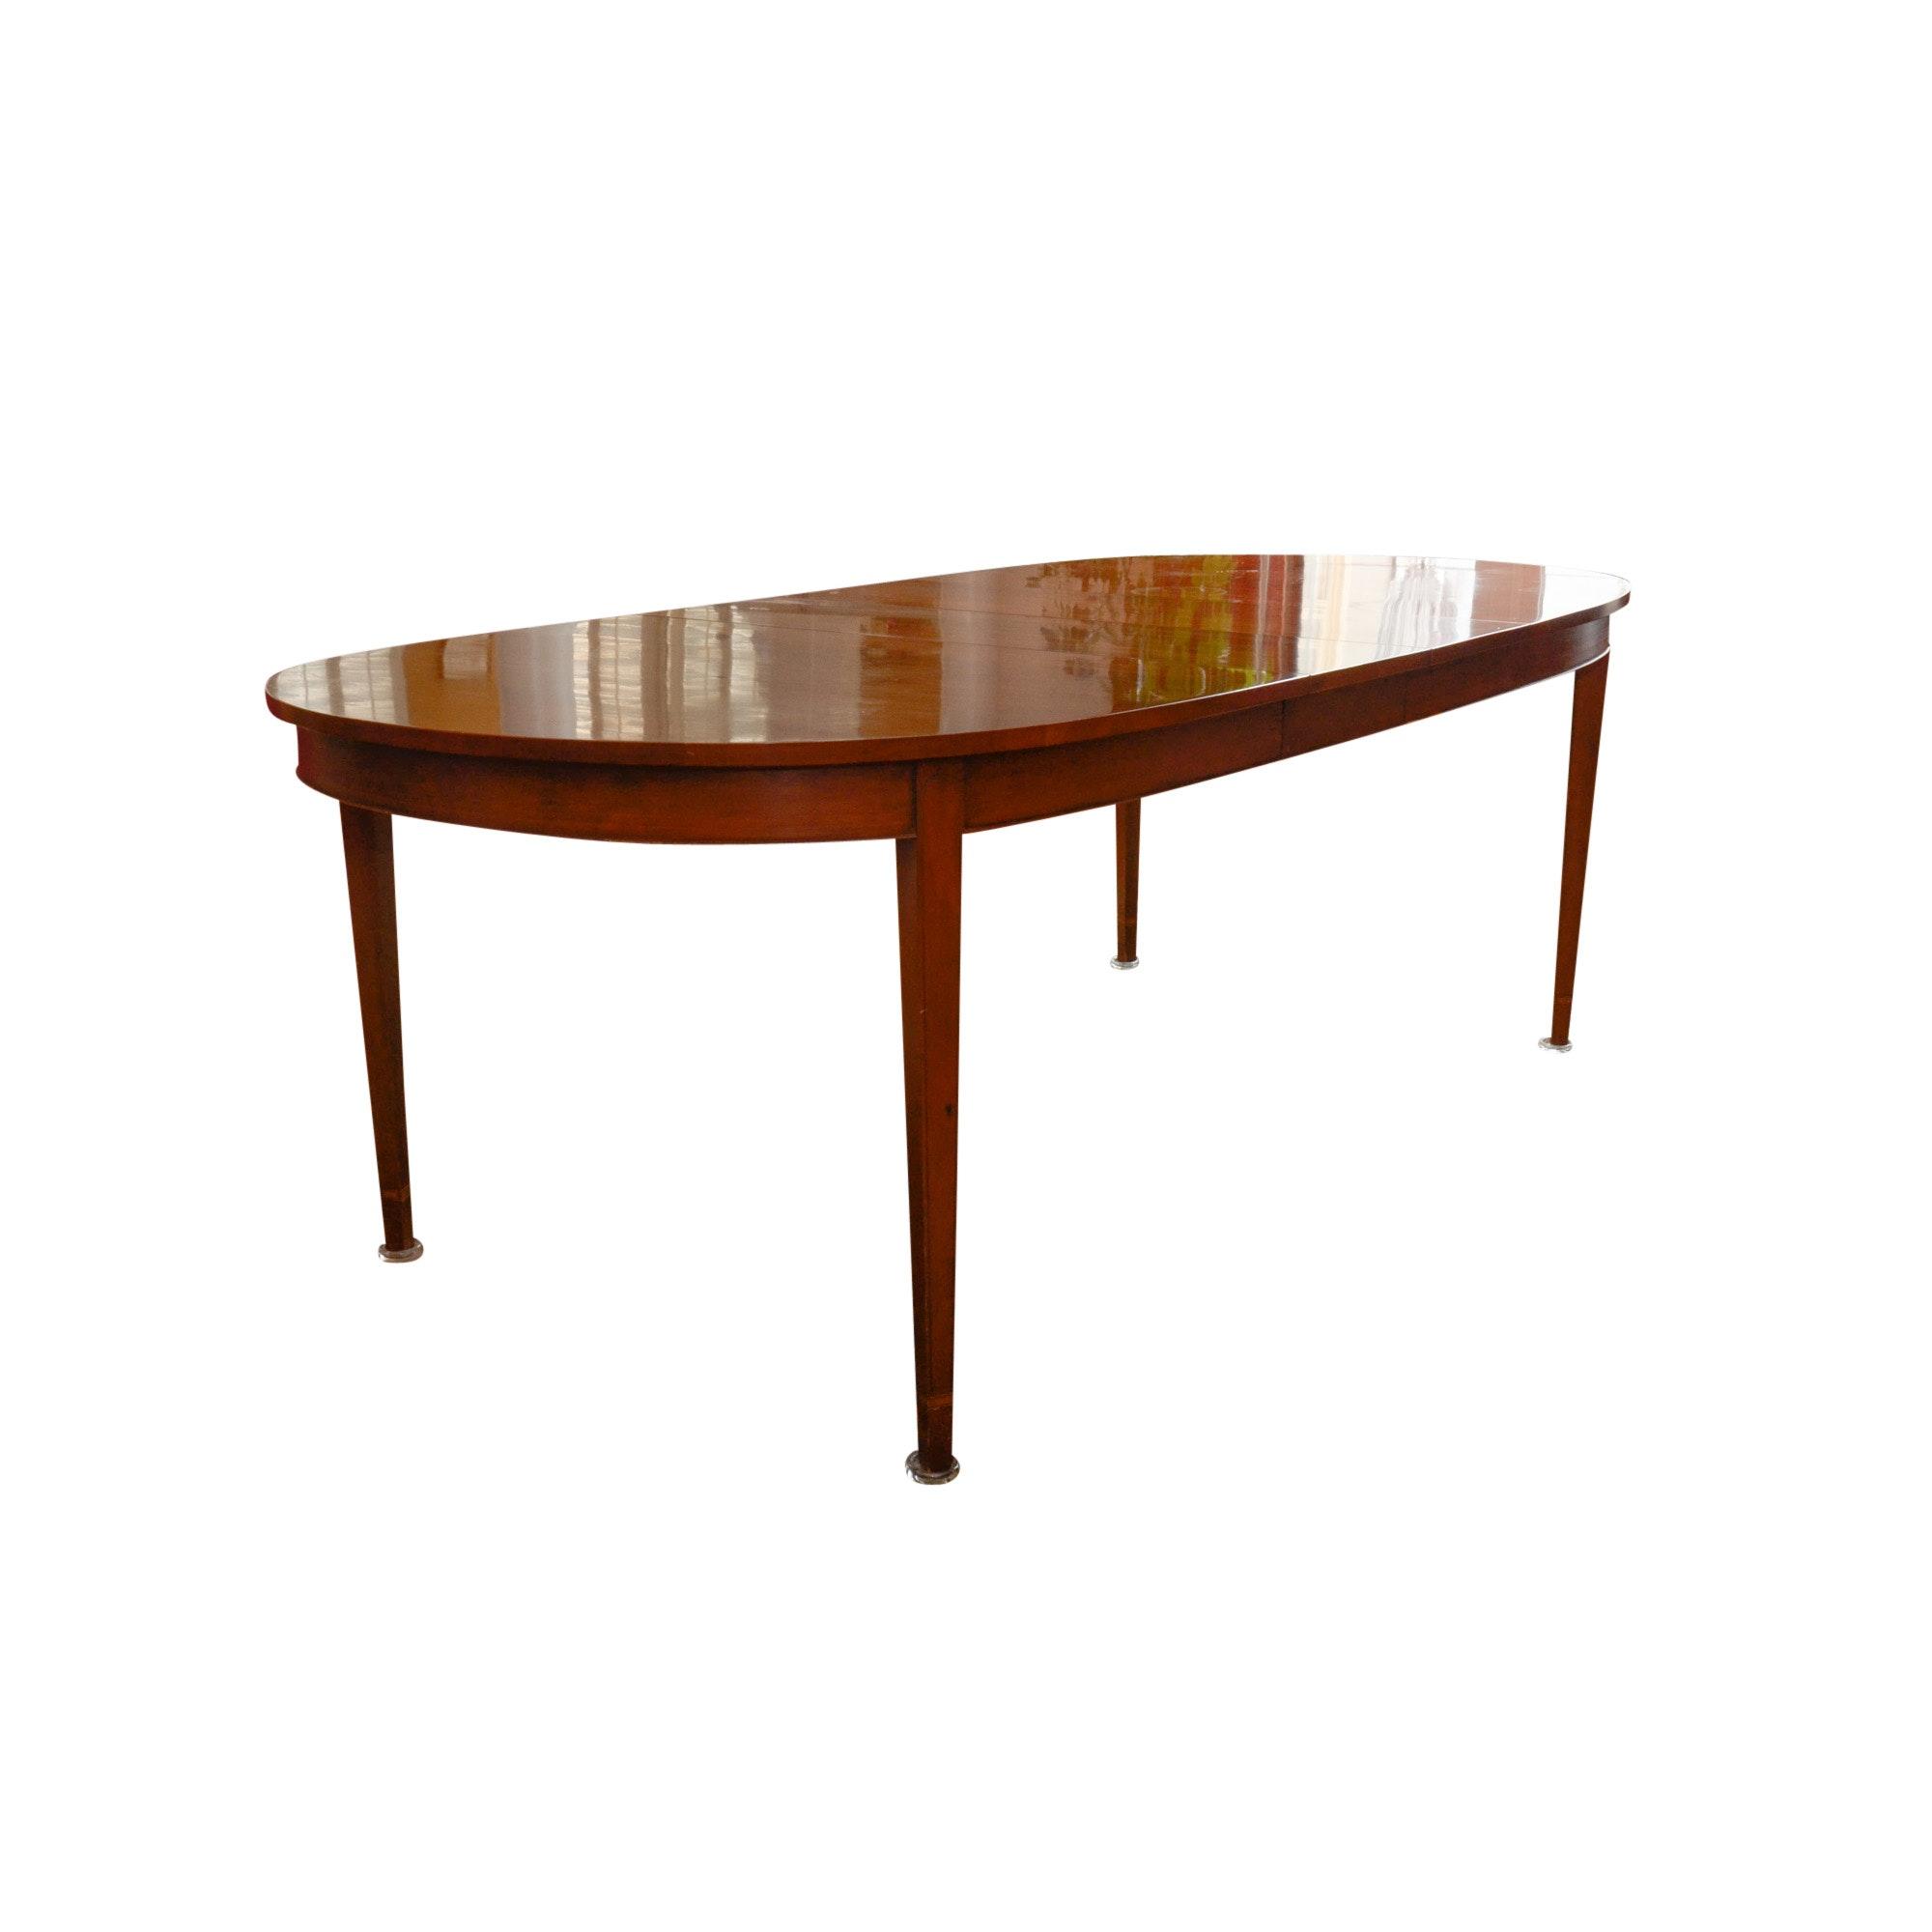 Vintage Black Cherry Dining Table by Henkel-Harris